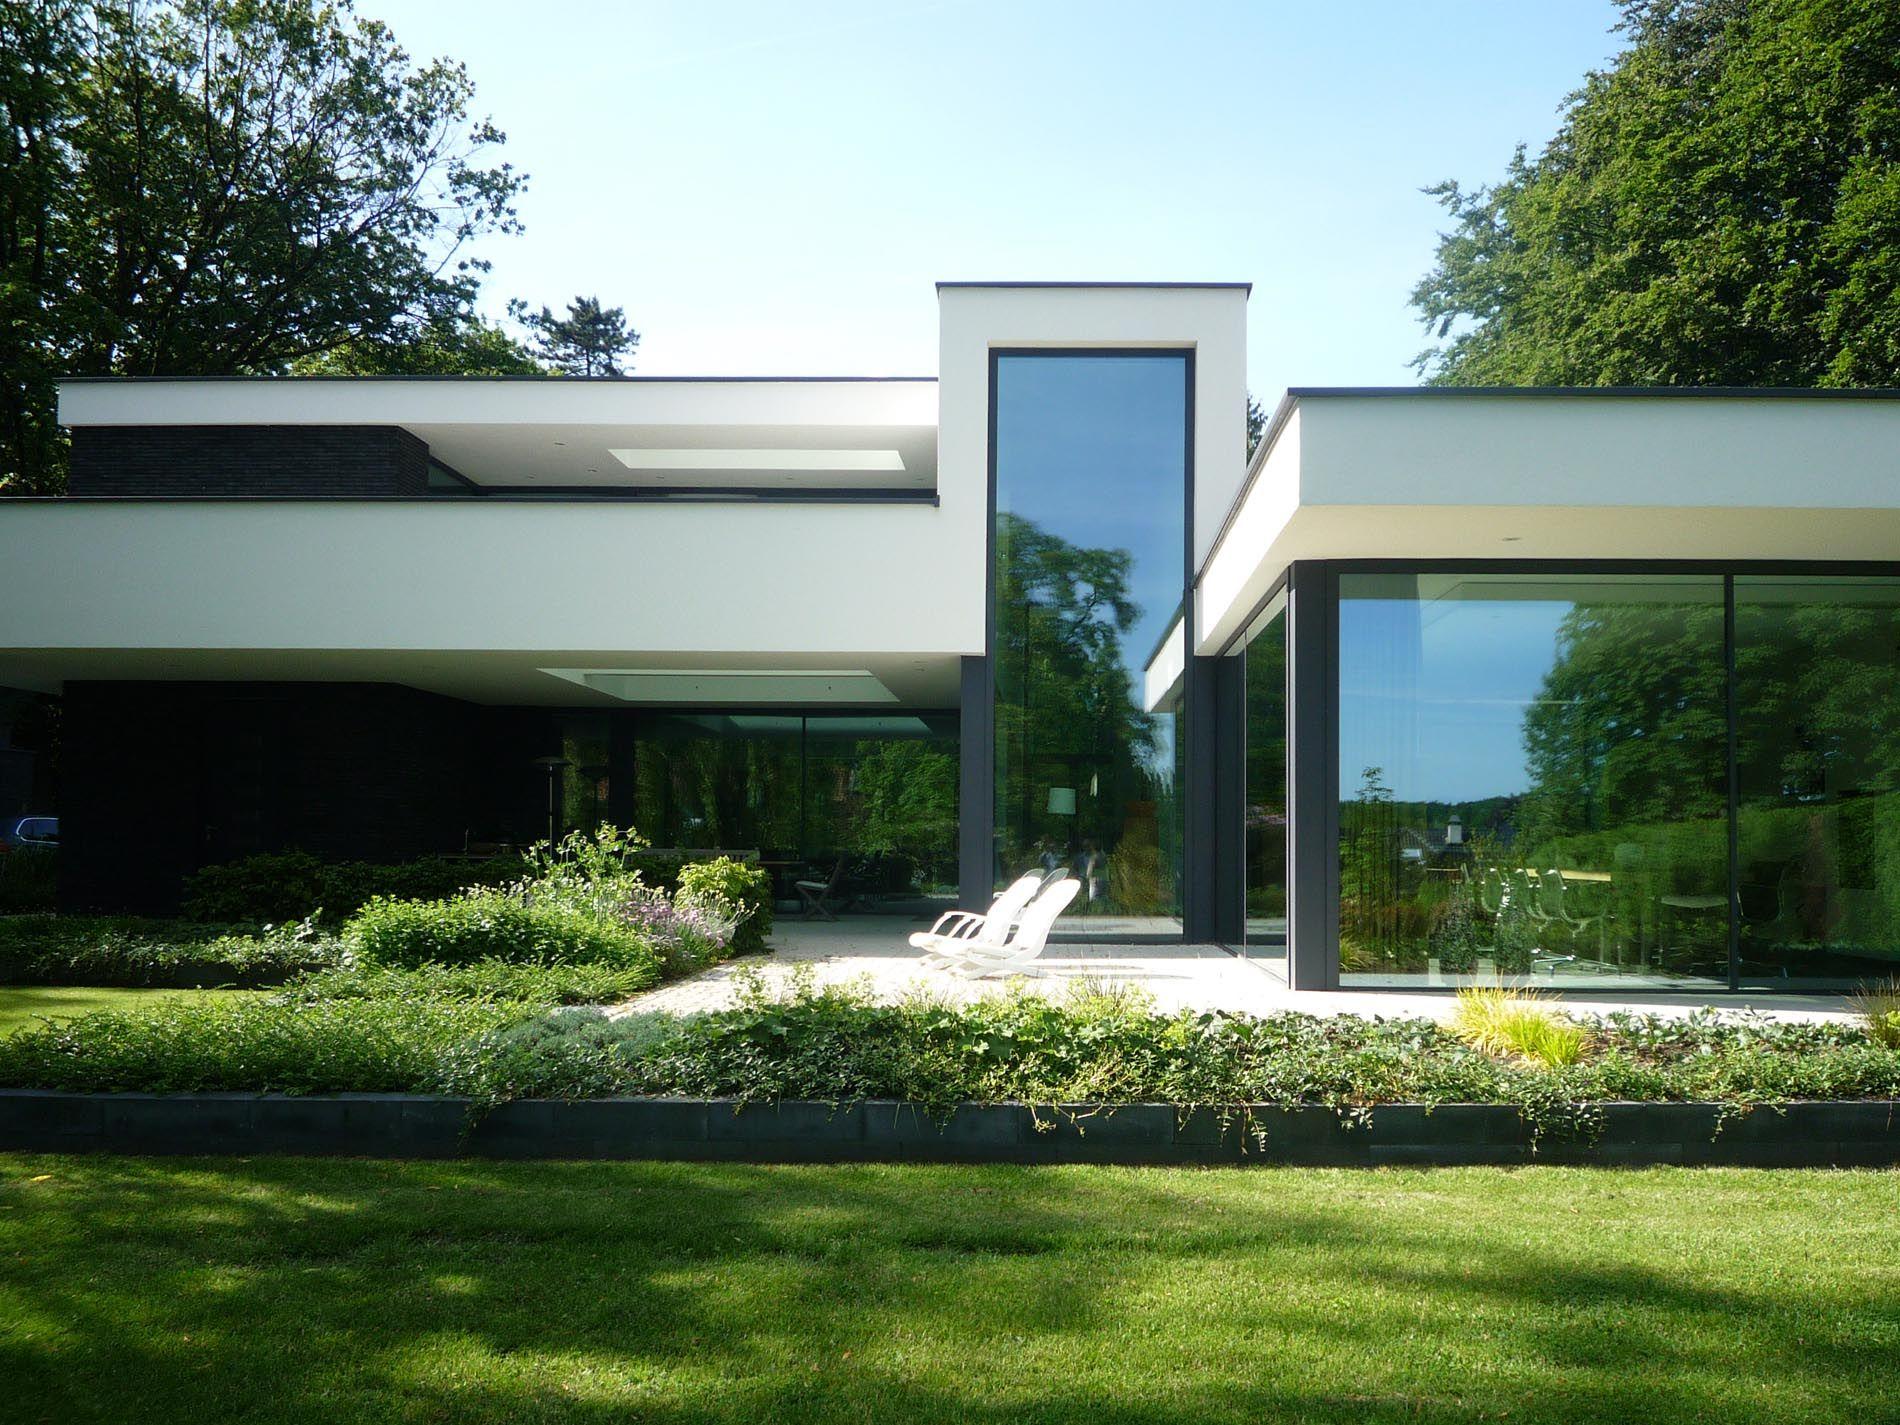 Maas architecten woonhuis oldenzaal stucwerk modern villa